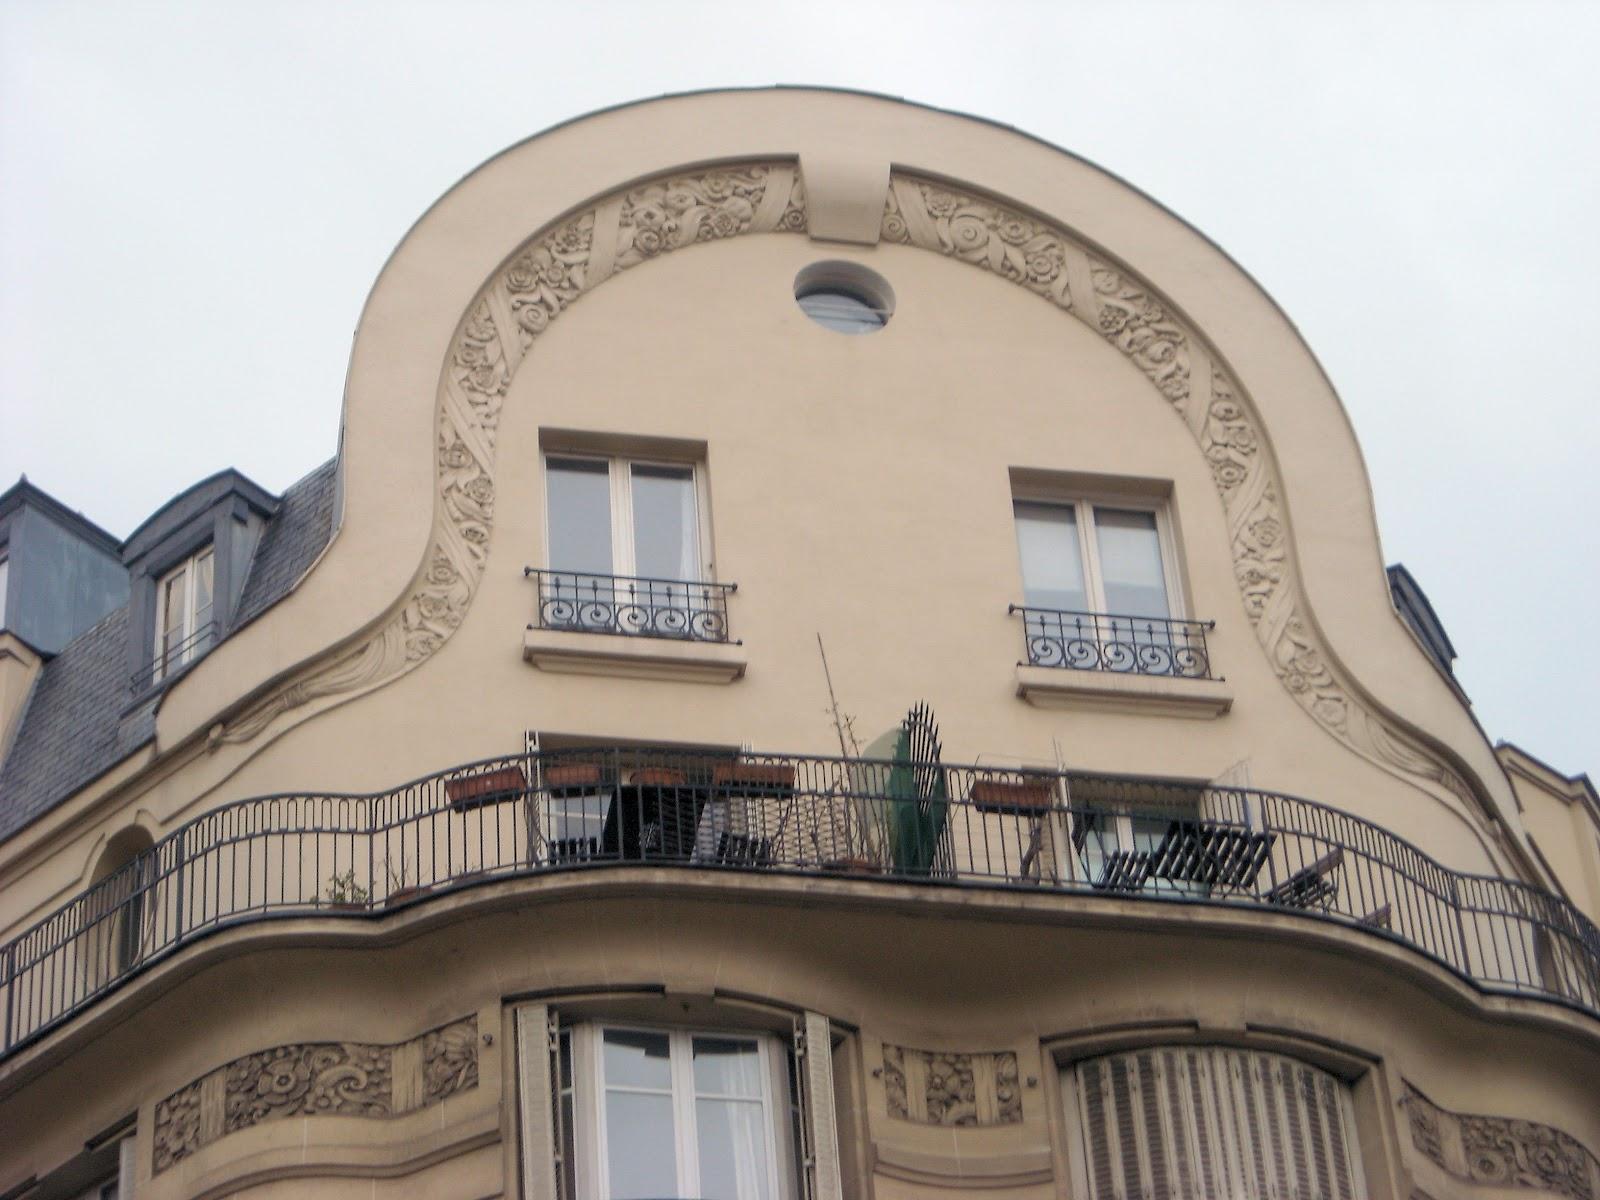 l'architecture parisienne des années 1920 à 1940 : l'art-déco et le